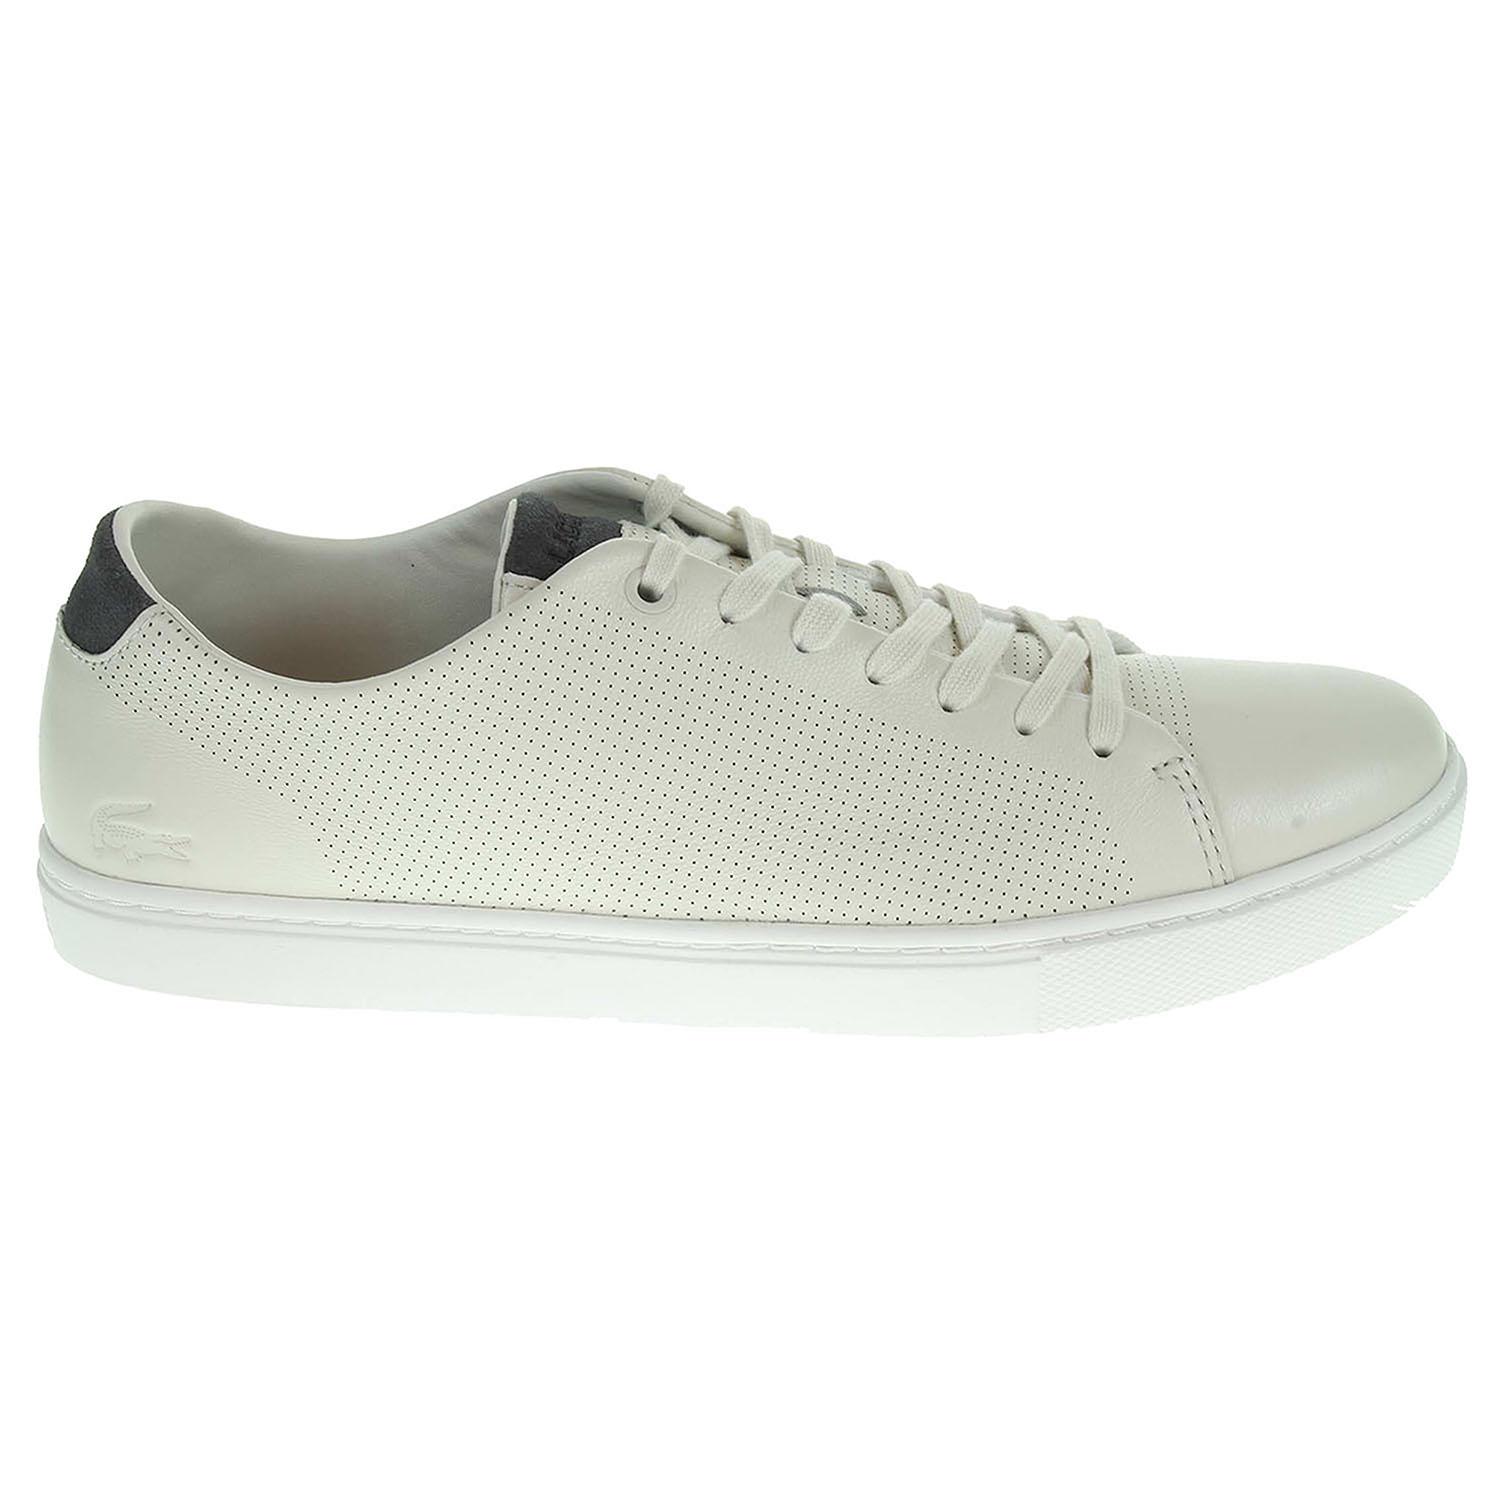 Lacoste Showcourt pánská obuv béžová 43 béžová béžová